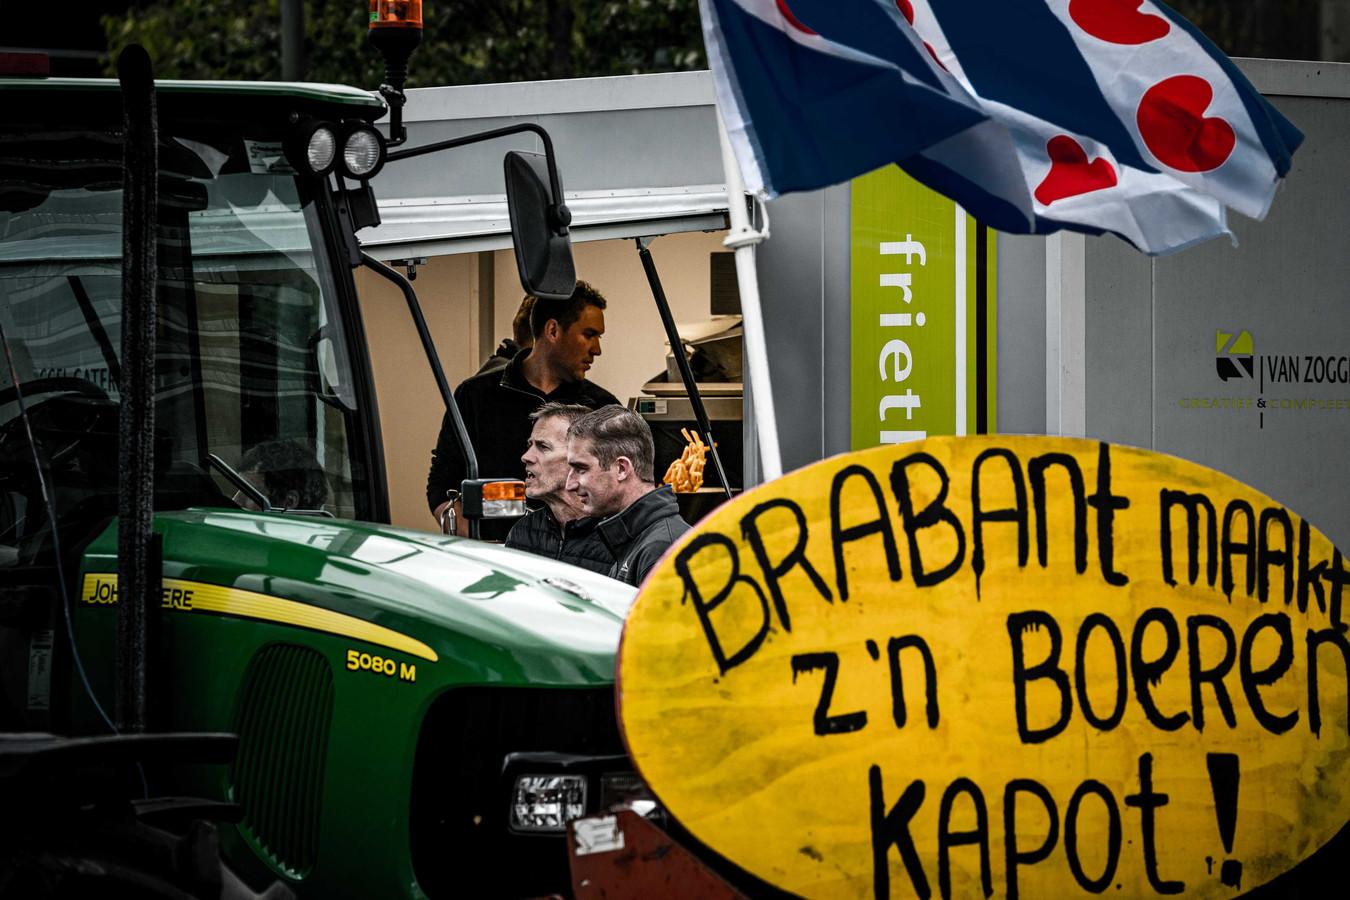 2019-10-21 13:26:32 DEN BOSCH - Brabantse boeren voeren actie bij het provinciehuis tegen de strenge stikstofregels. De actie vond plaats in aanloop naar het statendebat over landbouw. ANP ROB ENGELAAR